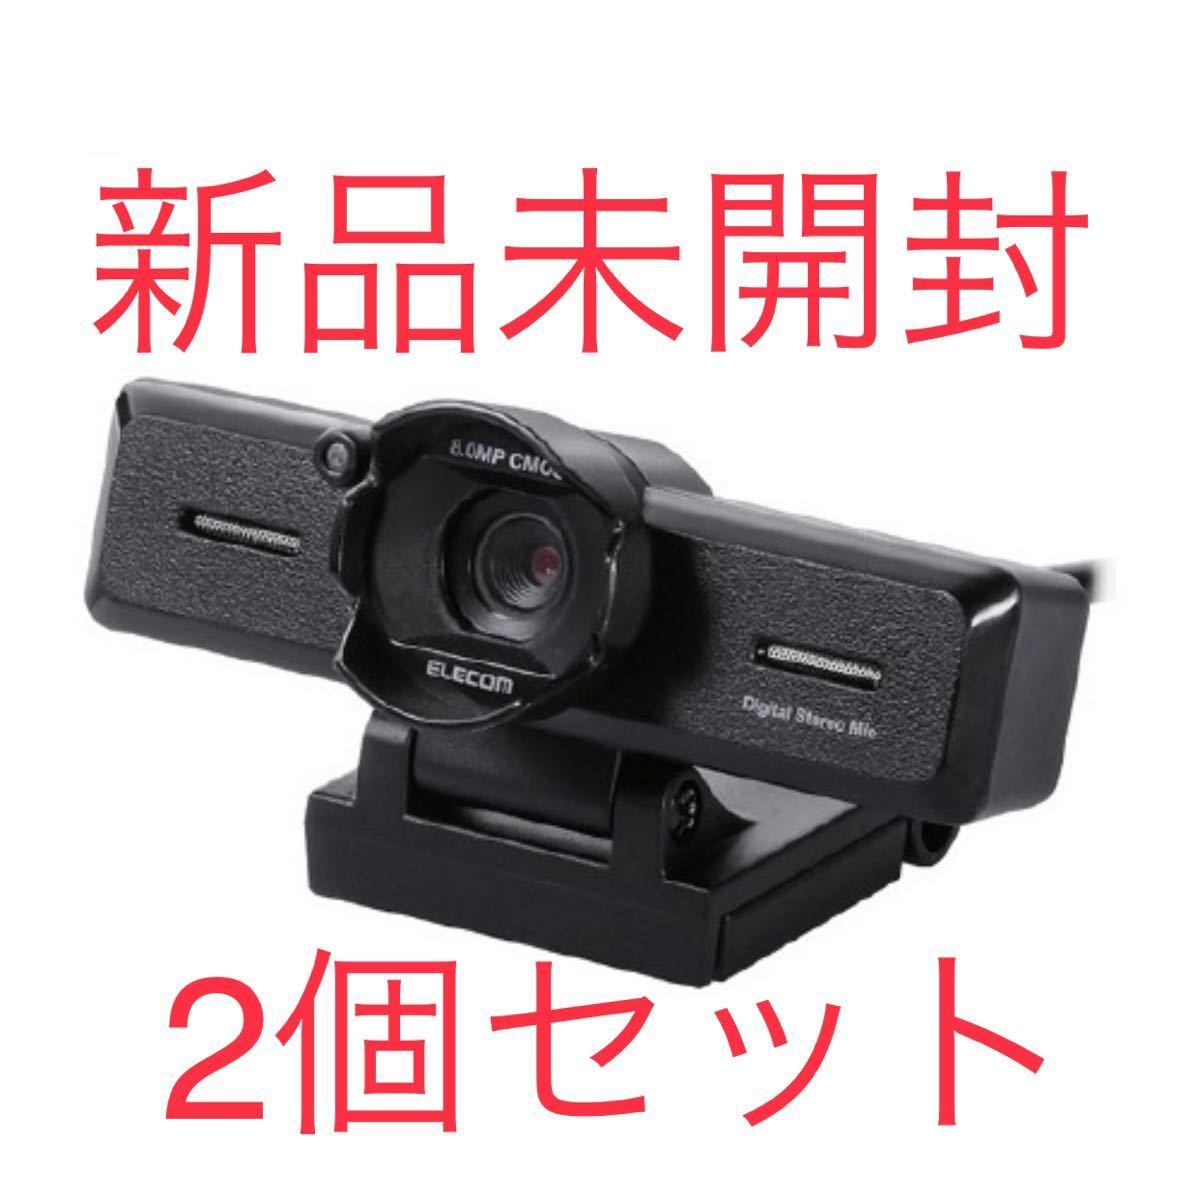 エレコム WEBカメラ マイク内臓 800万画素 高精細ガラスレンズ UCAM-C980FBBK 2個セット ELECOM